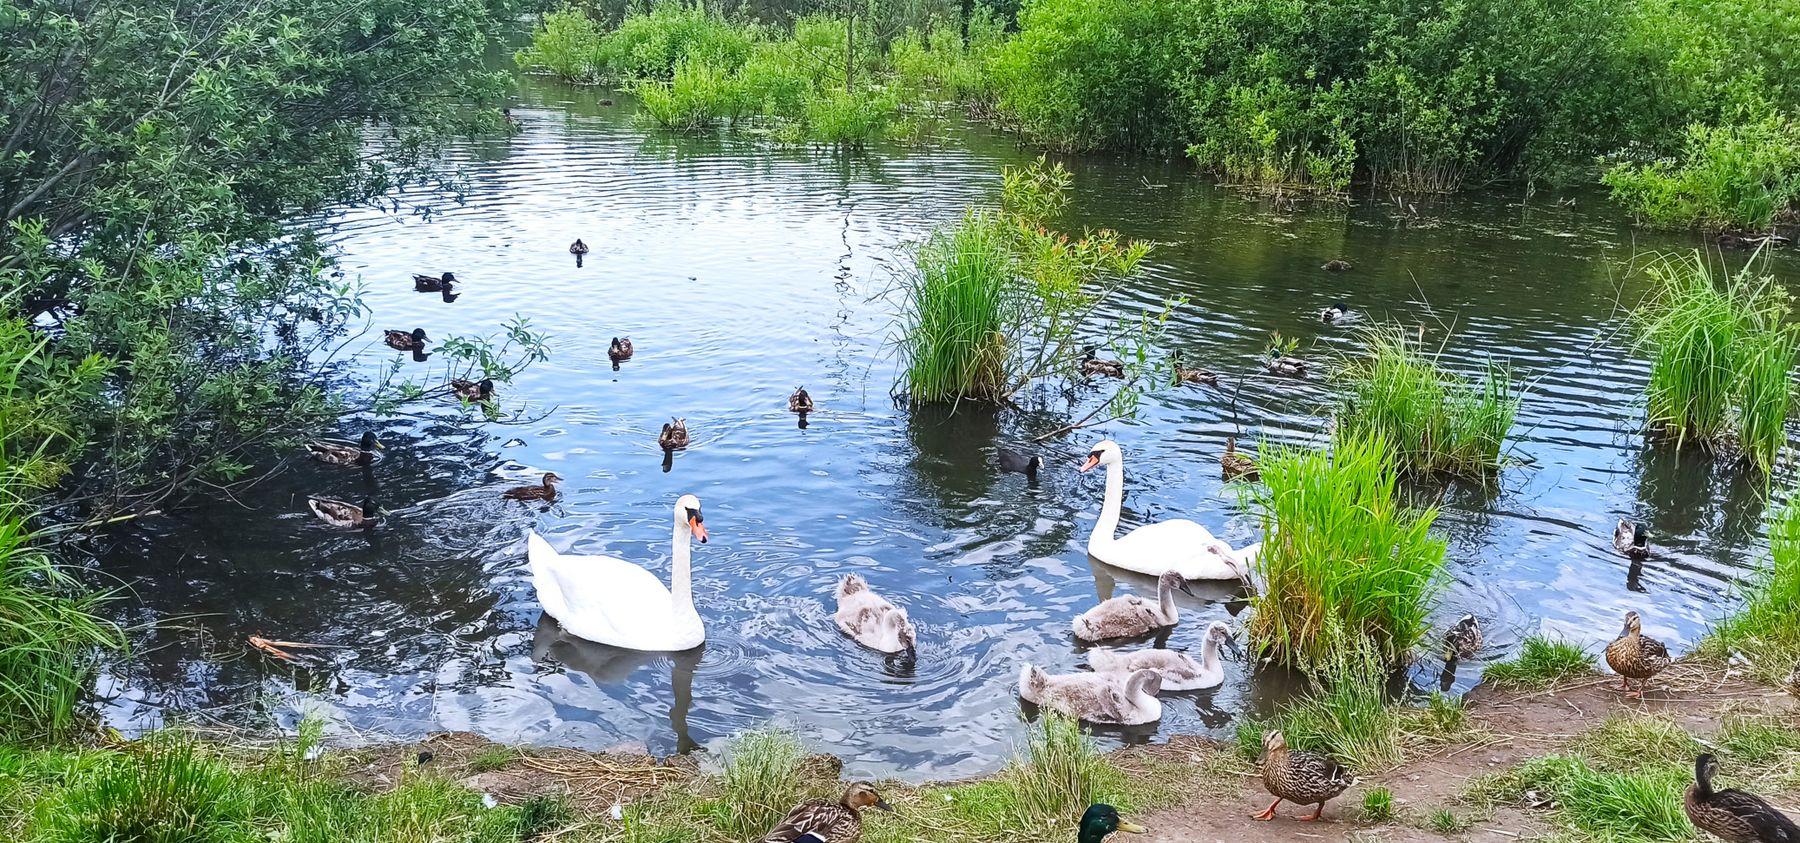 Пополнение в семье лебедей. Лебеди парк пополнение птенцы вода июнь